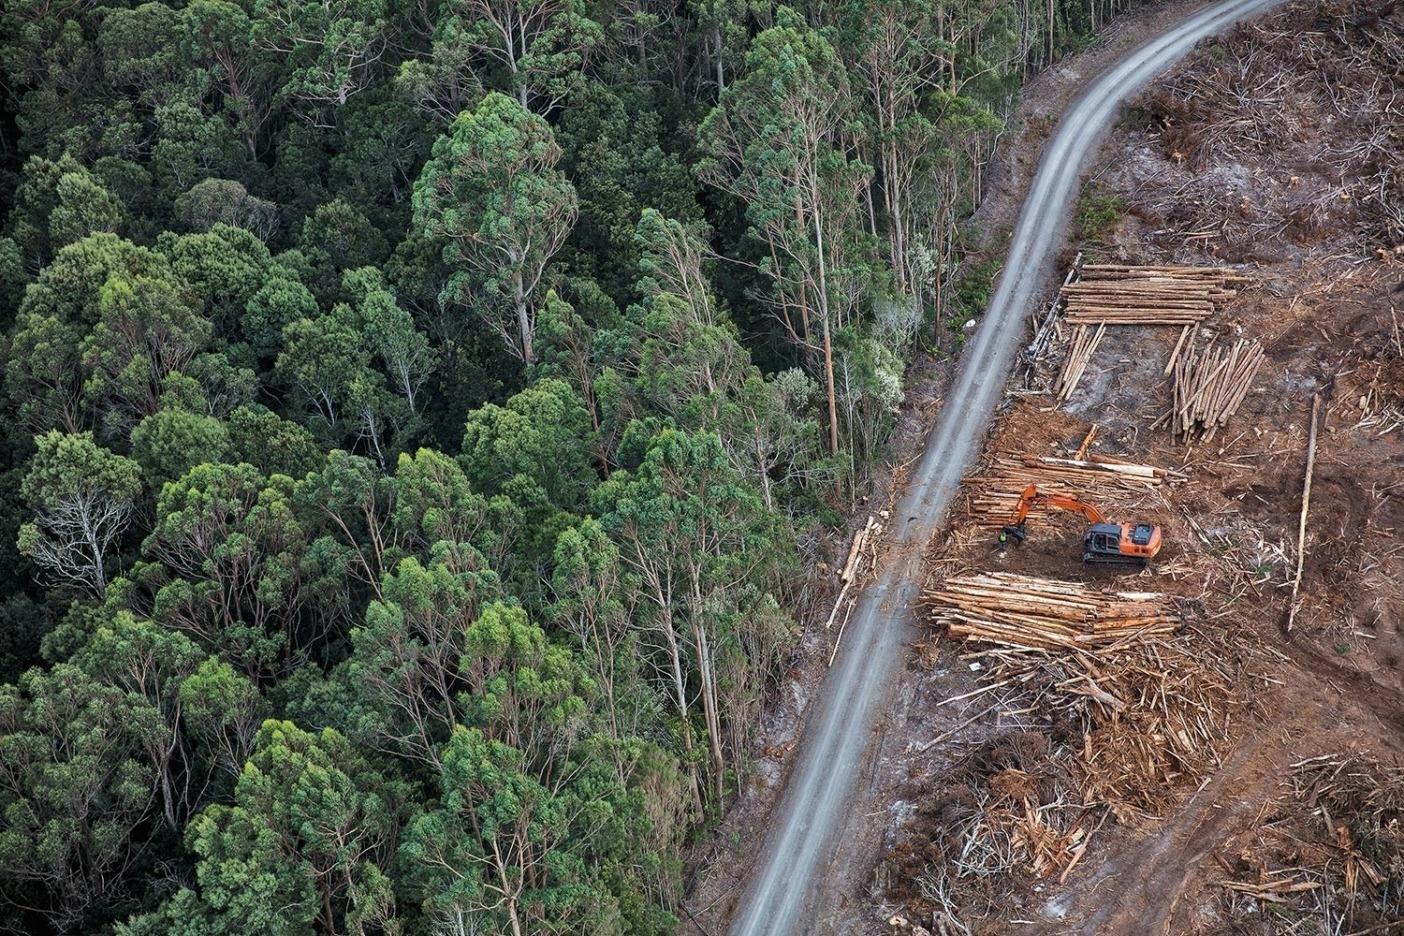 片側は森、もう片側は皆伐。Photo: Krystle Wright